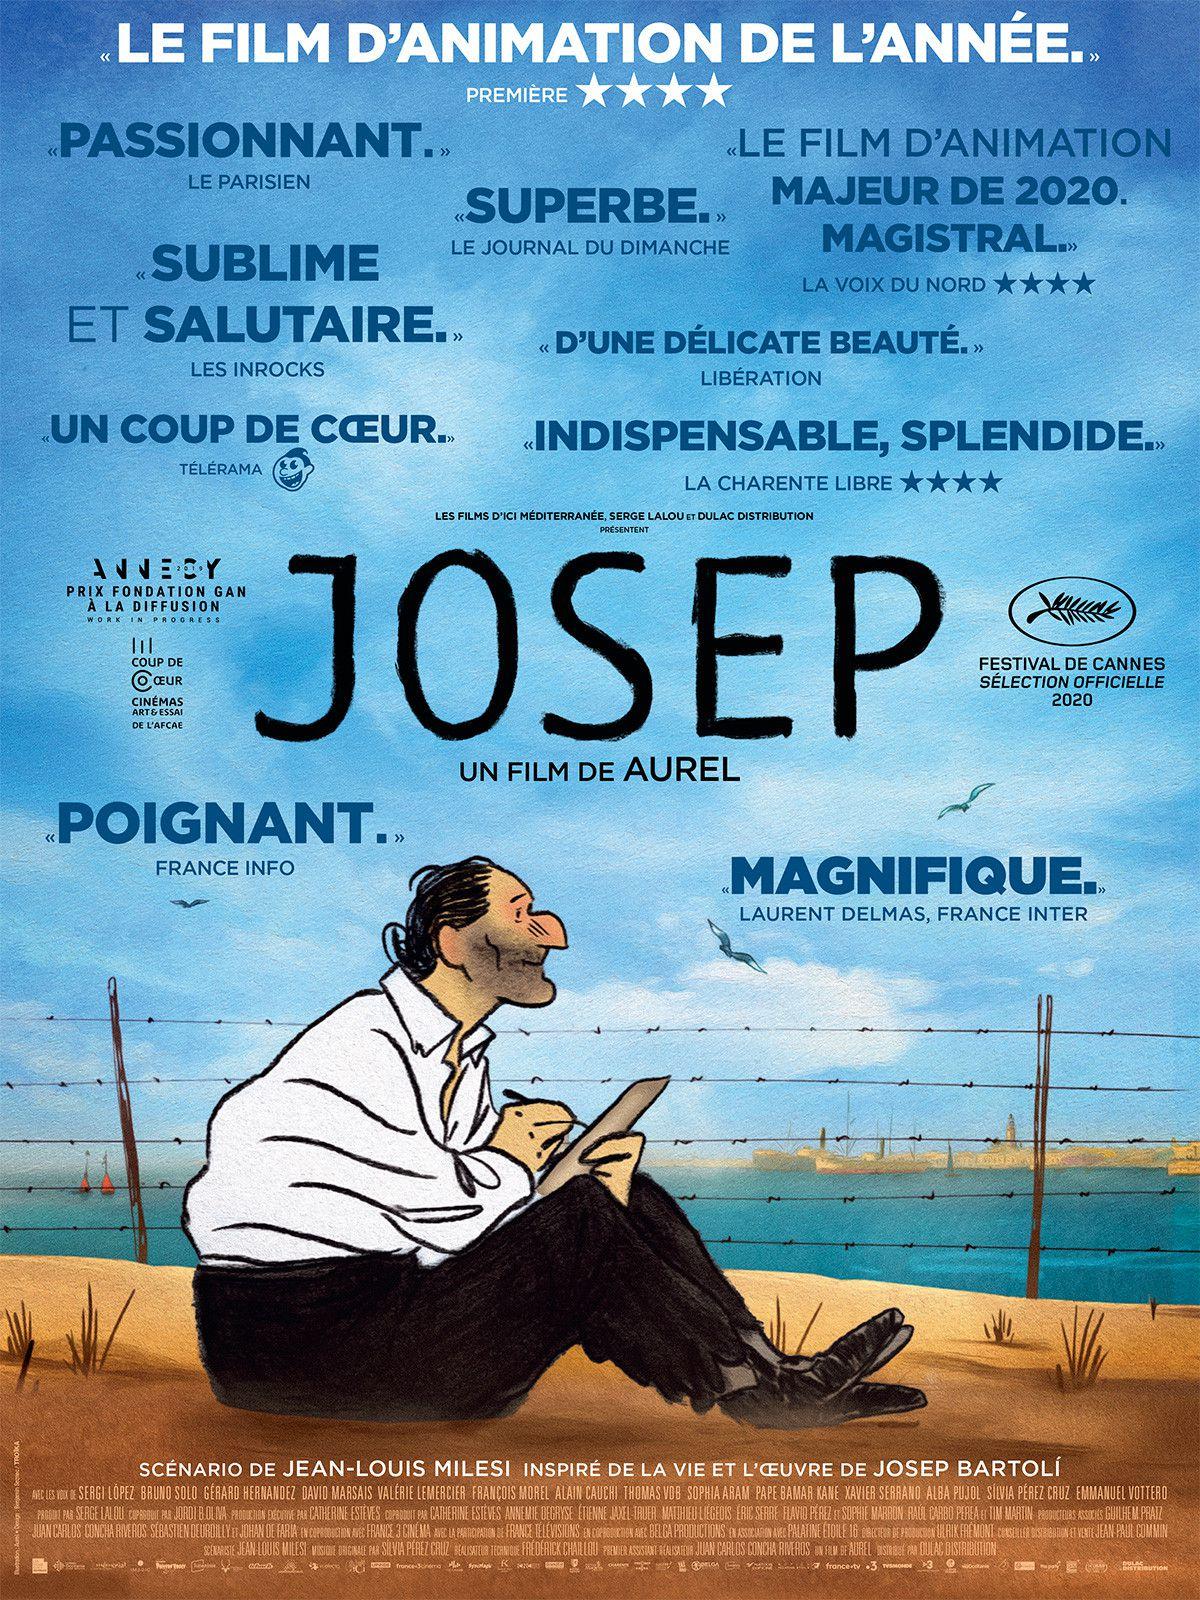 Film d'animation Josep, Espagne, Franquisme, Aurel, réfugiés espagnols